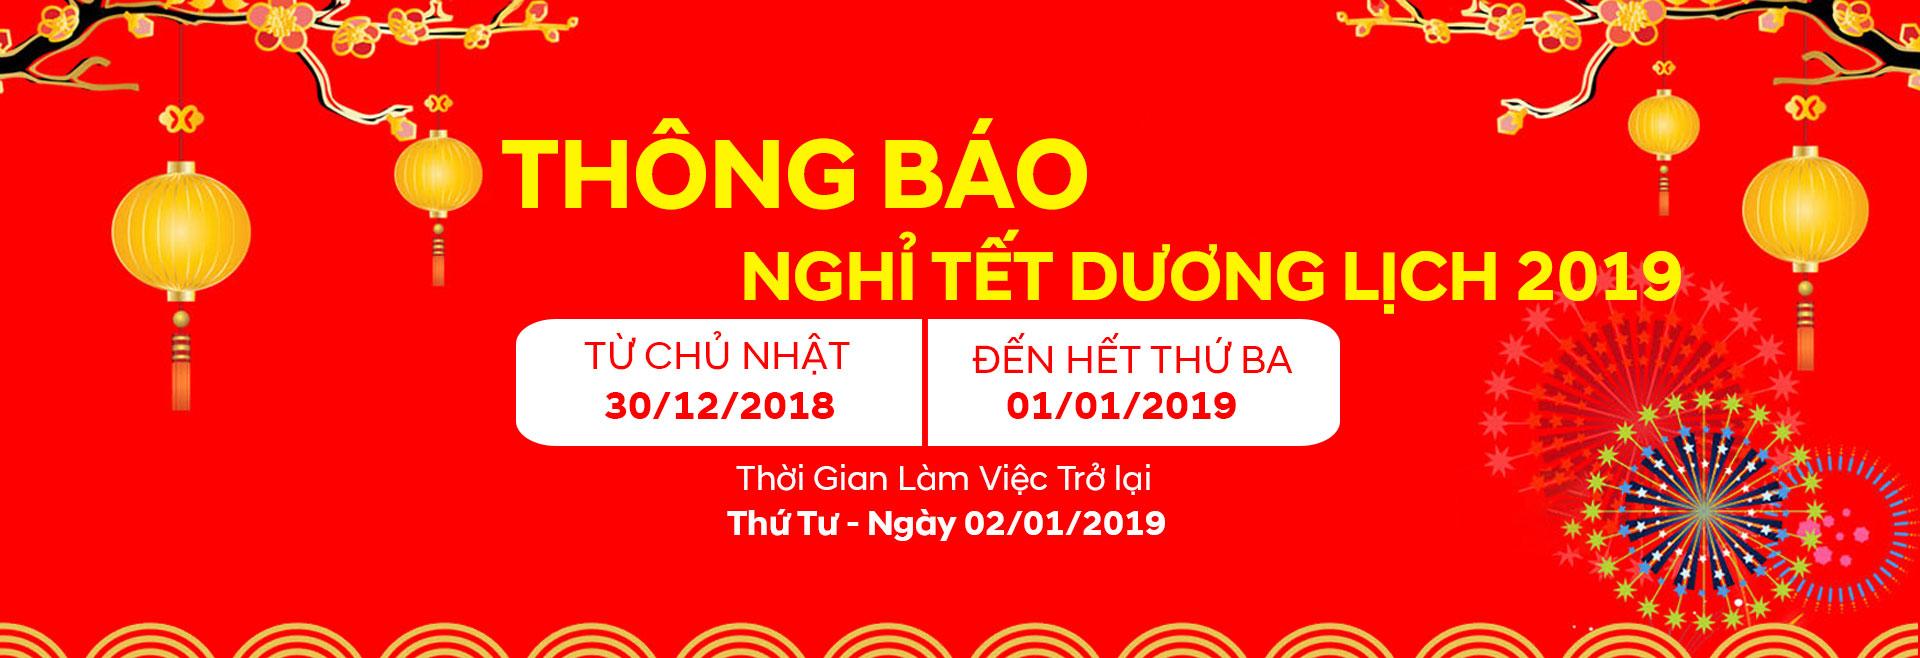 Thông báo nghĩ lễ Tết Dương Lịch 2019